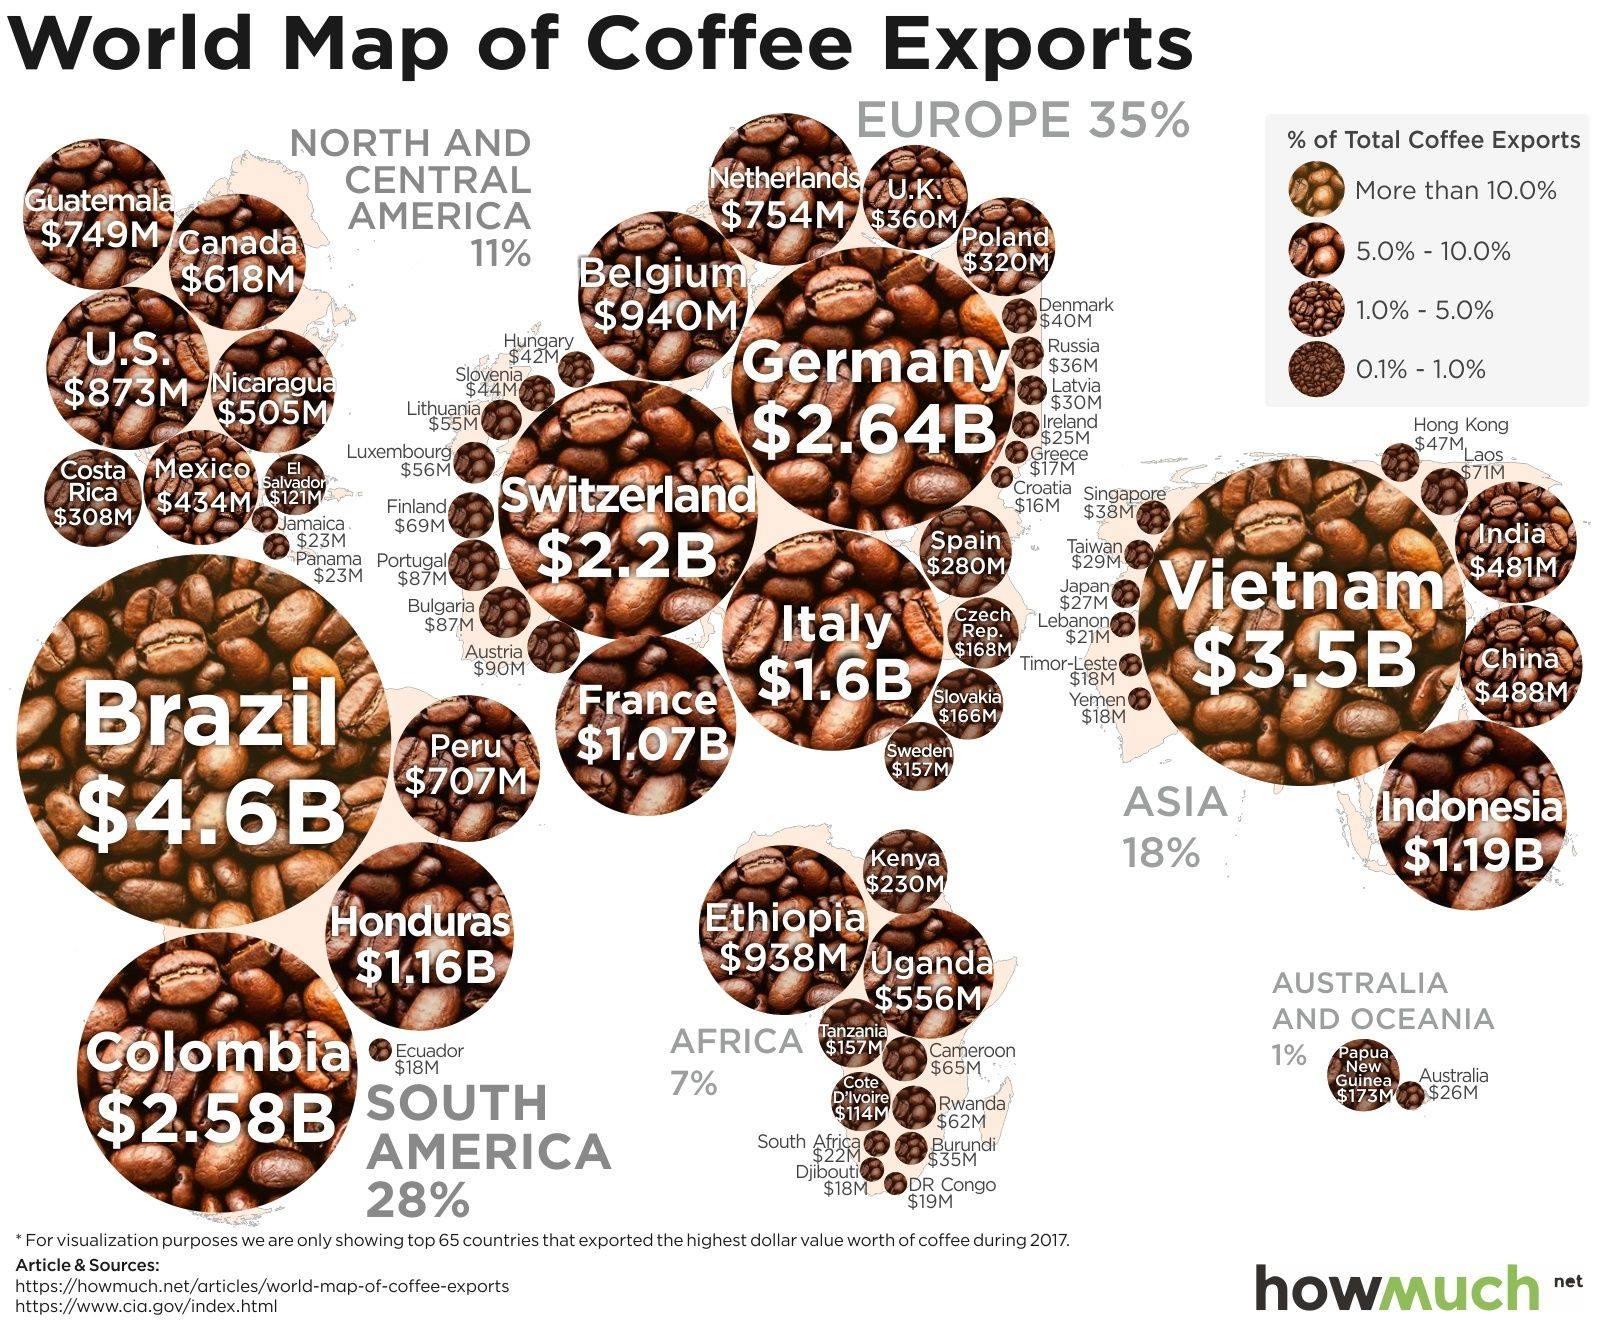 Nhận định giá cà phê thế giới từ 18-23/02/2019: Yếu tố nào quyết định giá tuần này?